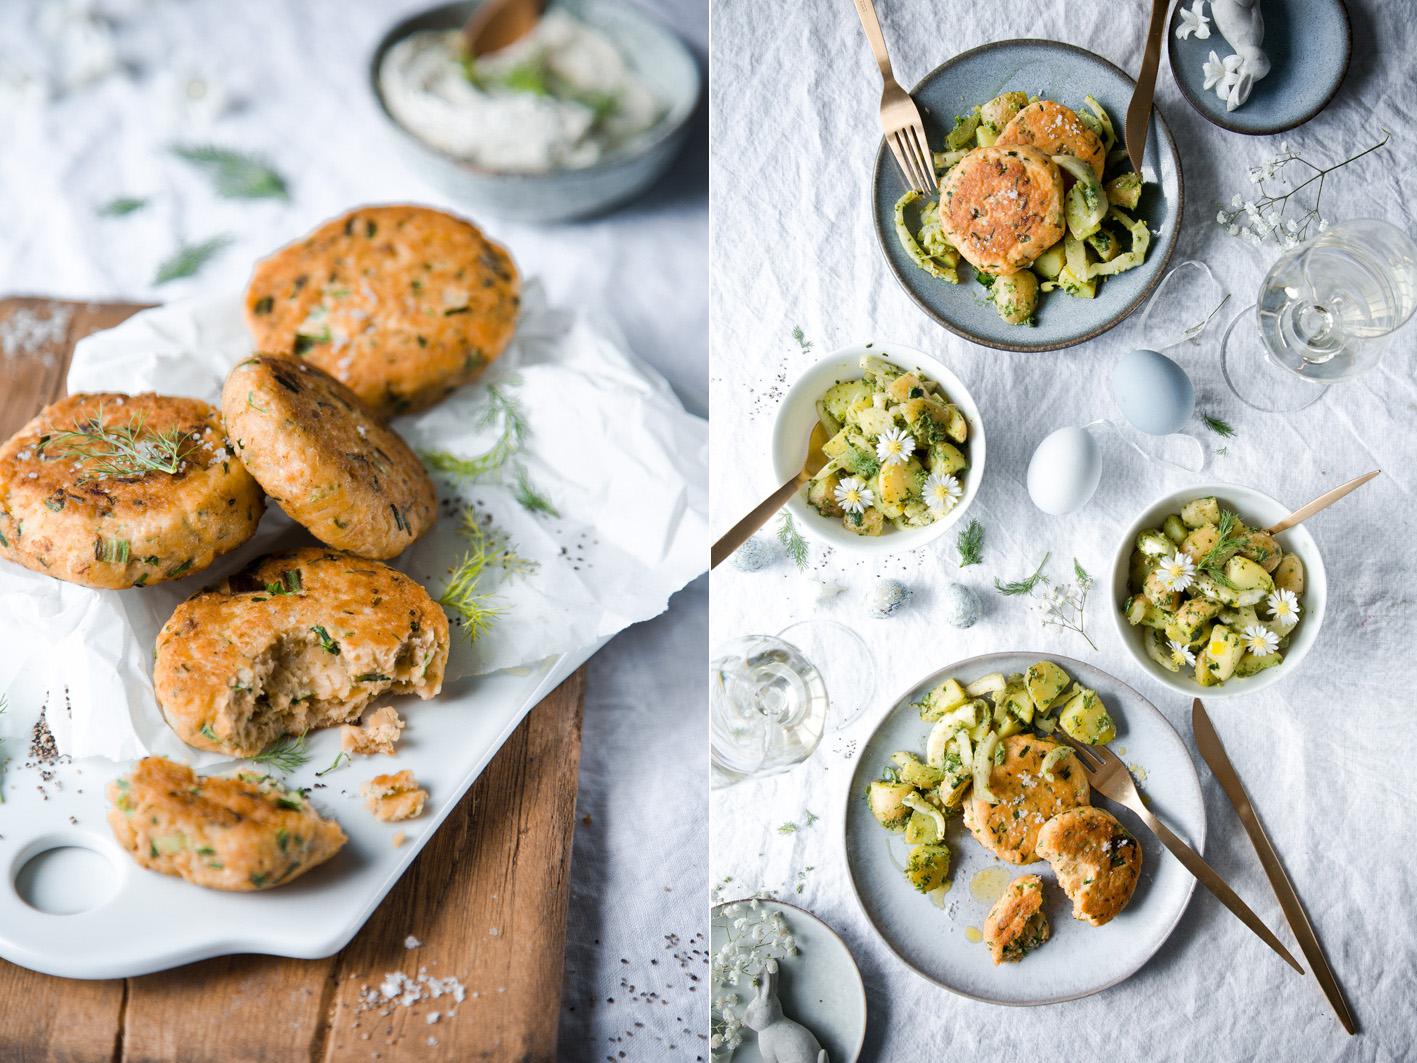 Lachs Frikadellen mit Kartoffelsalat